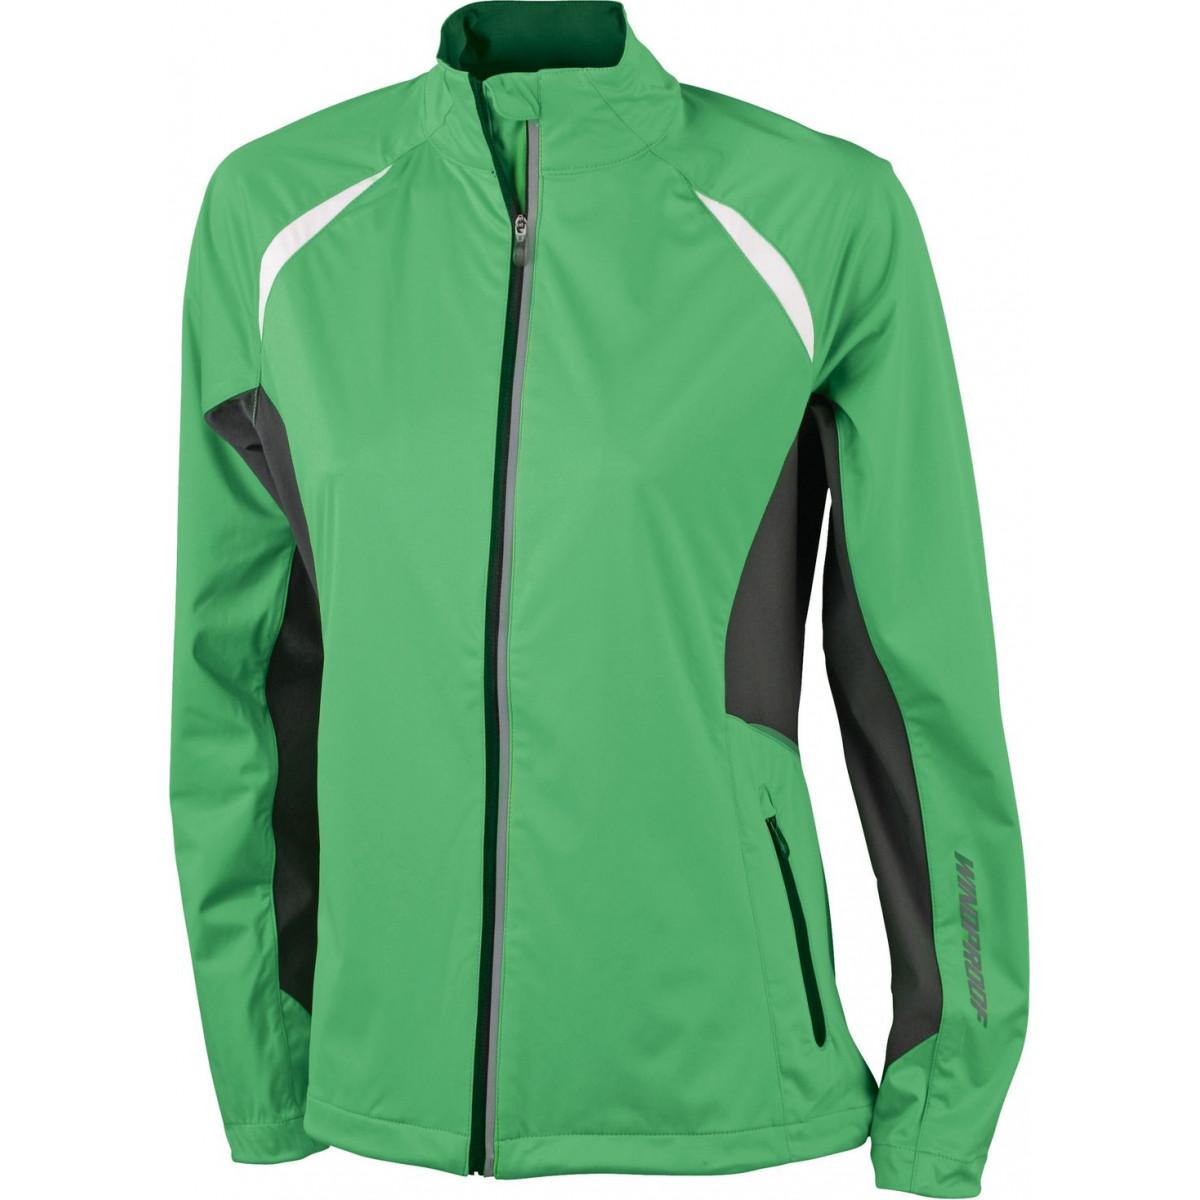 Куртка женская JN439 Ladies Sports Jacket Windproof - Насыщенный зеленый/Темно-серый